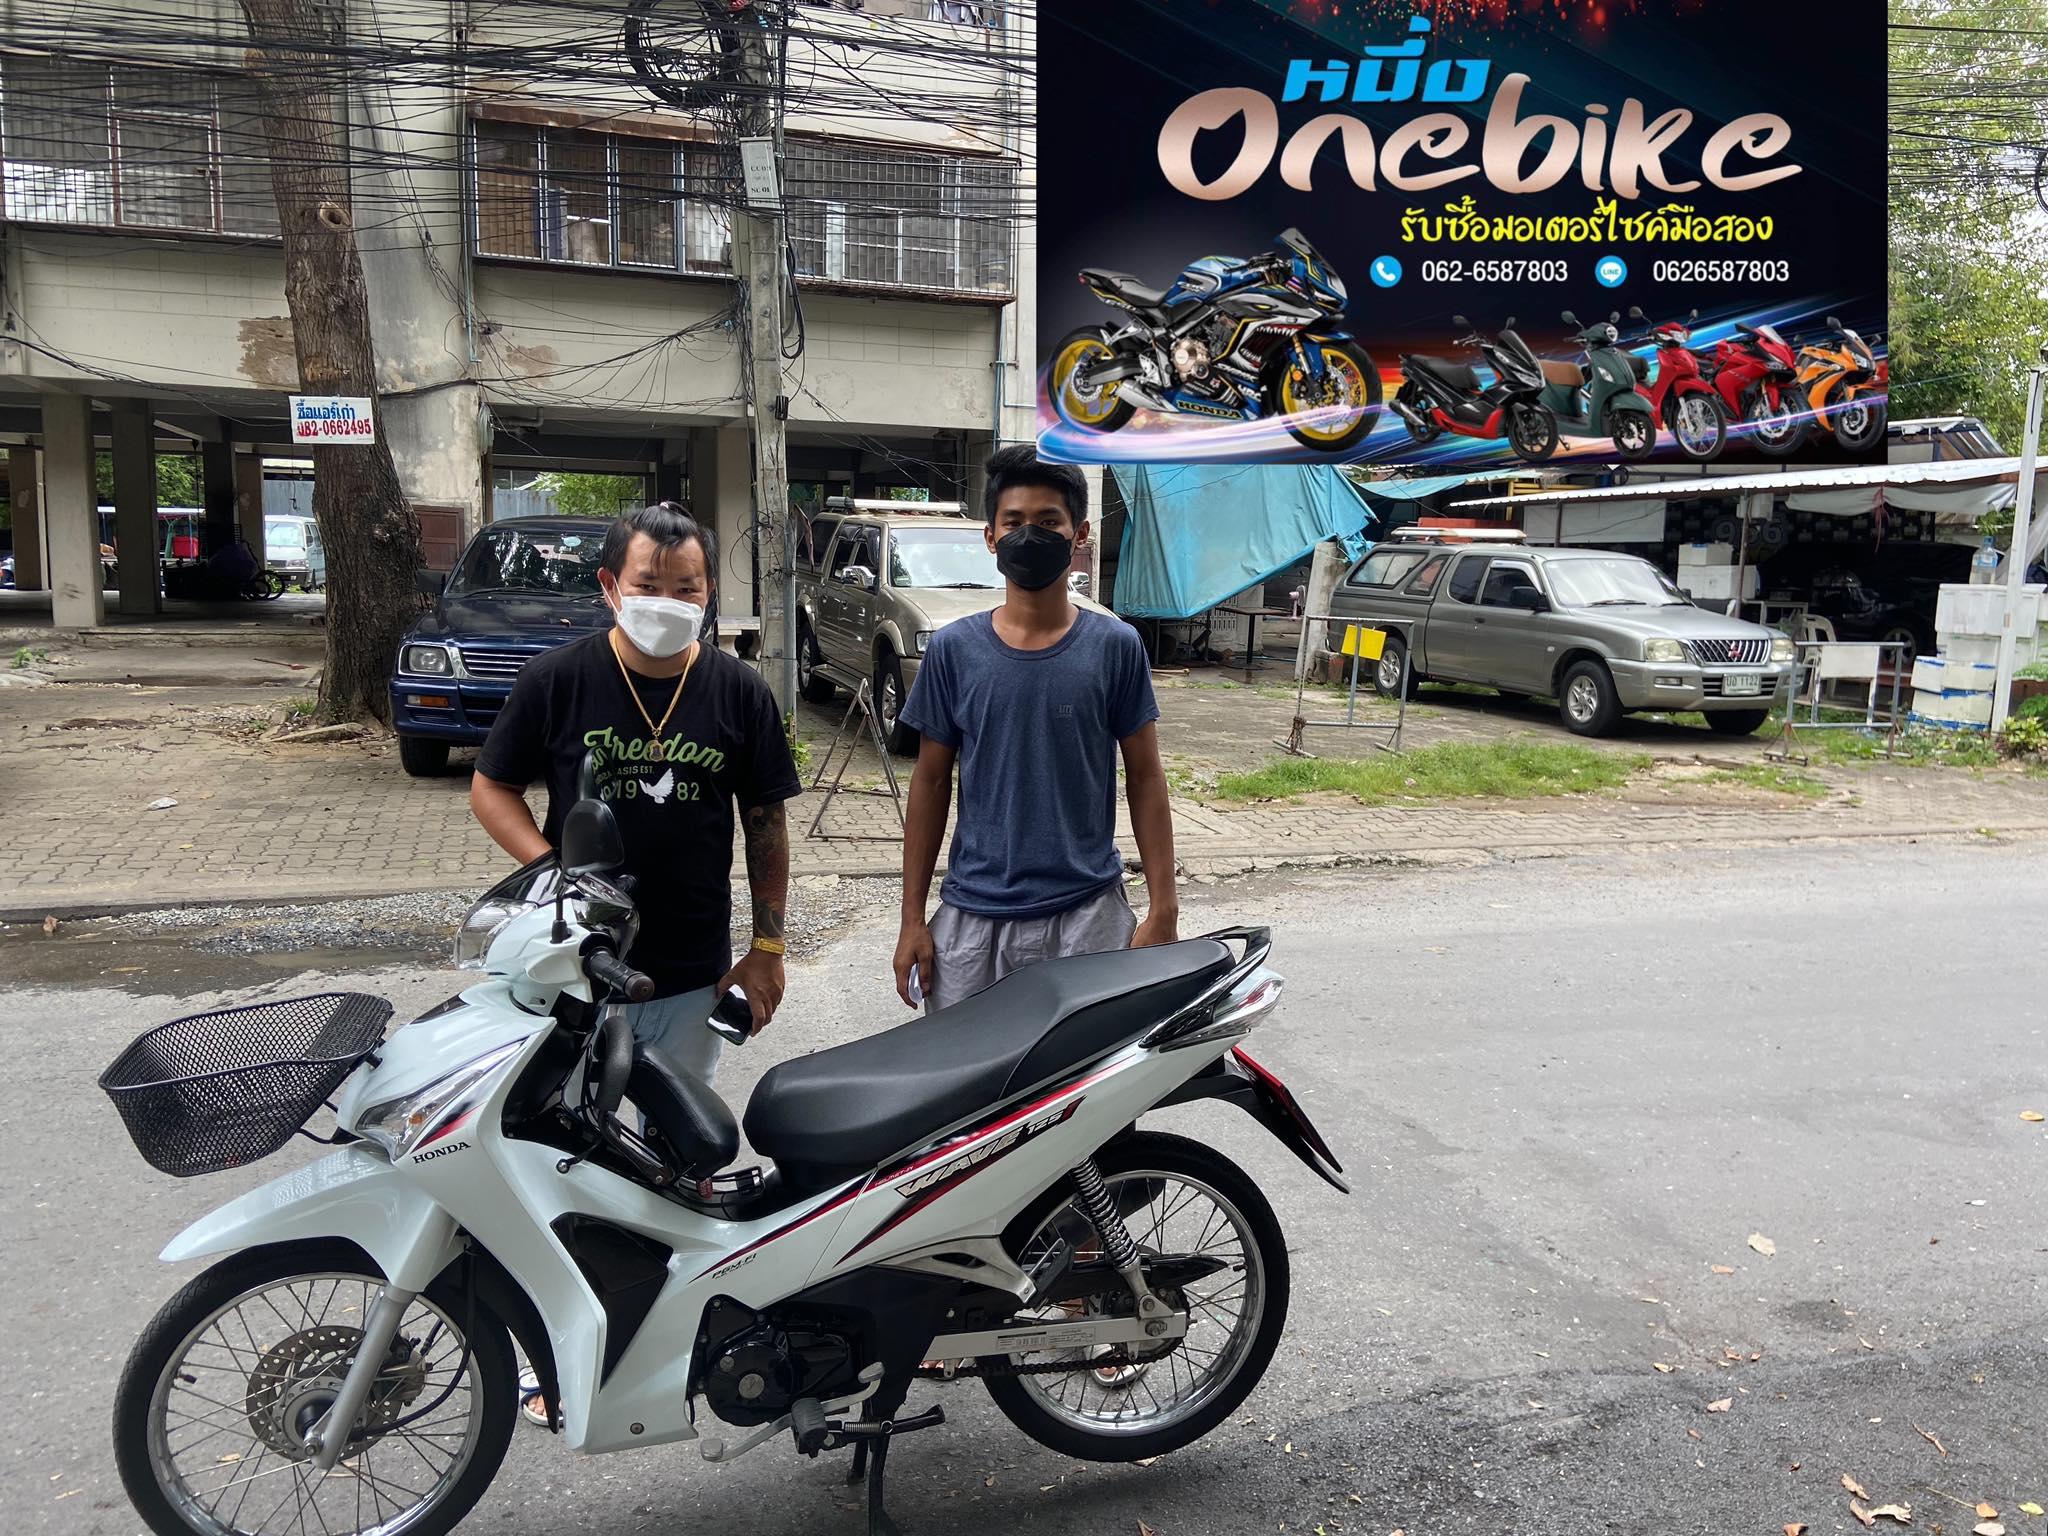 รับซื้อรถมอเตอร์ไซค์มือสอง ONEBIKE